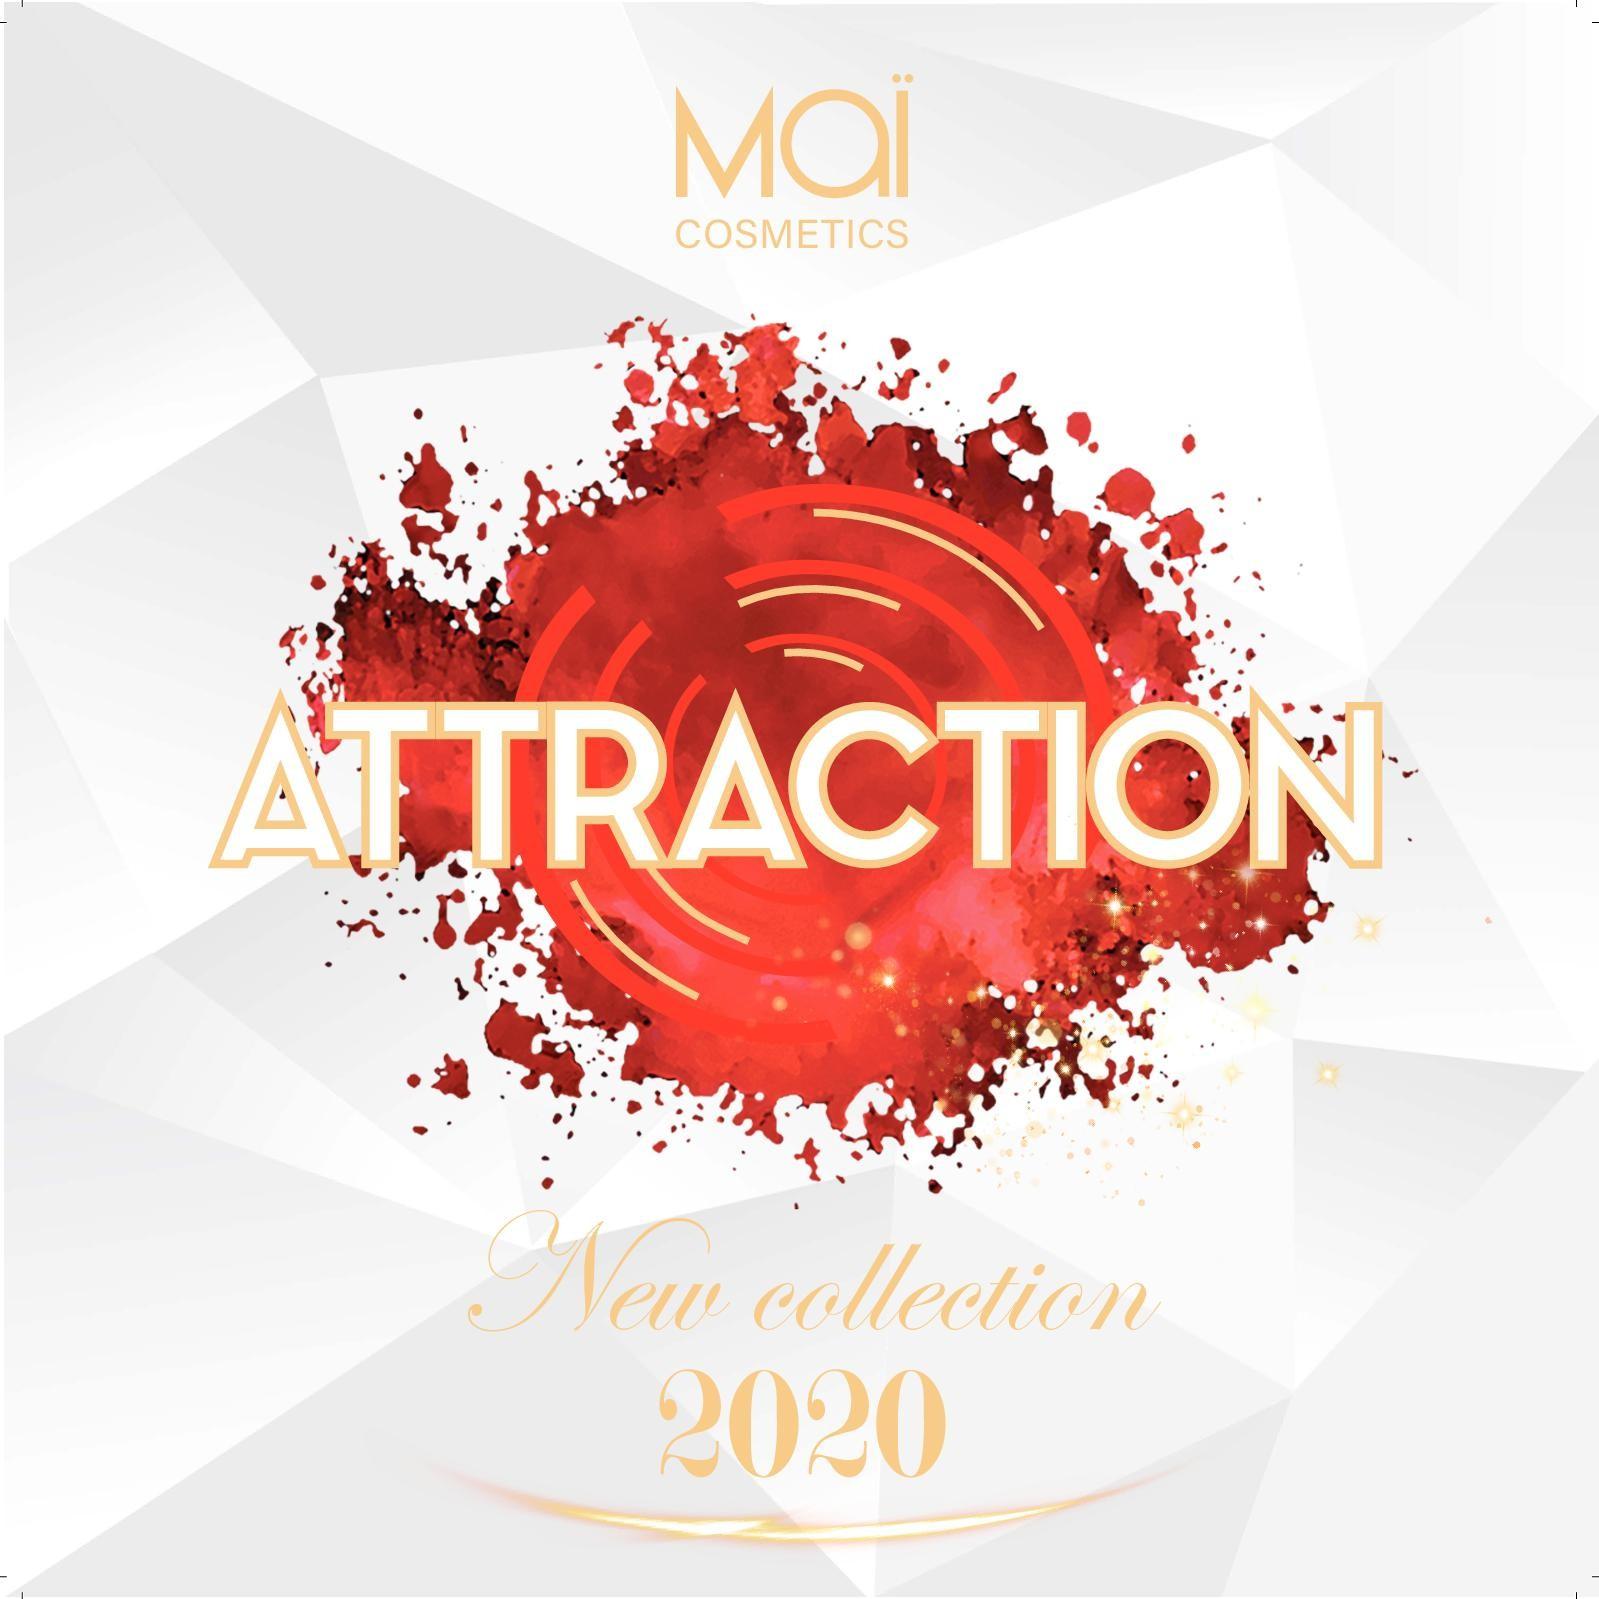 Mai Attraction